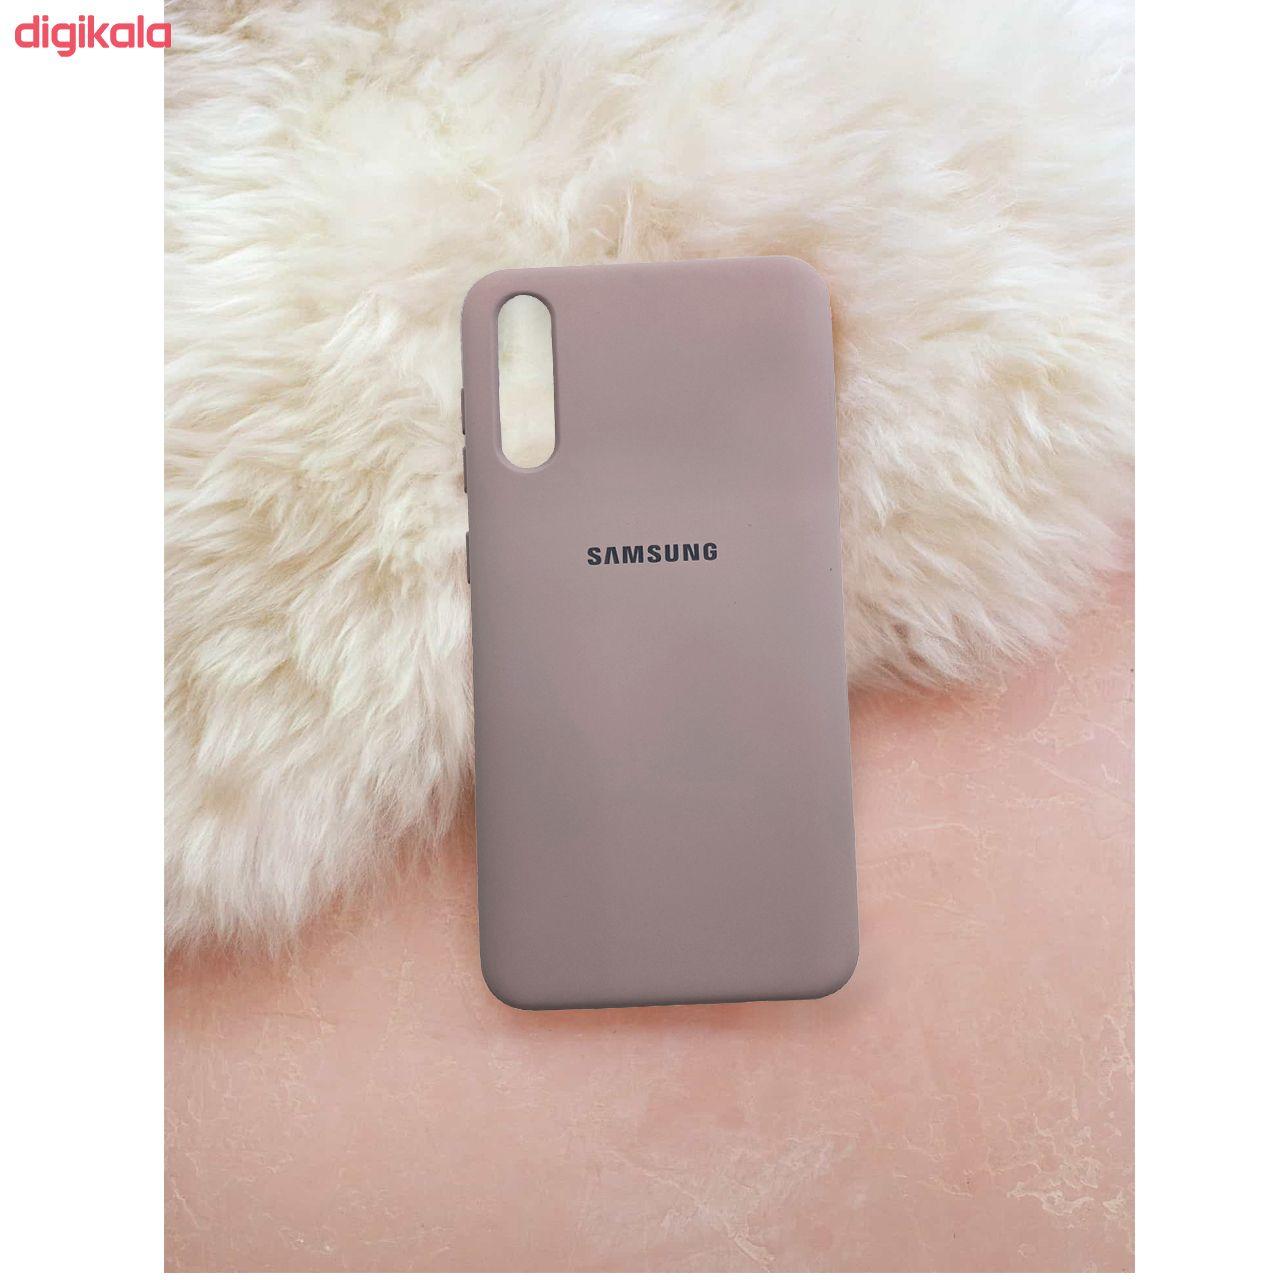 کاور مدل SCN مناسب برای گوشی موبایل سامسونگ Galaxy A50 / A50s / A30s main 1 1